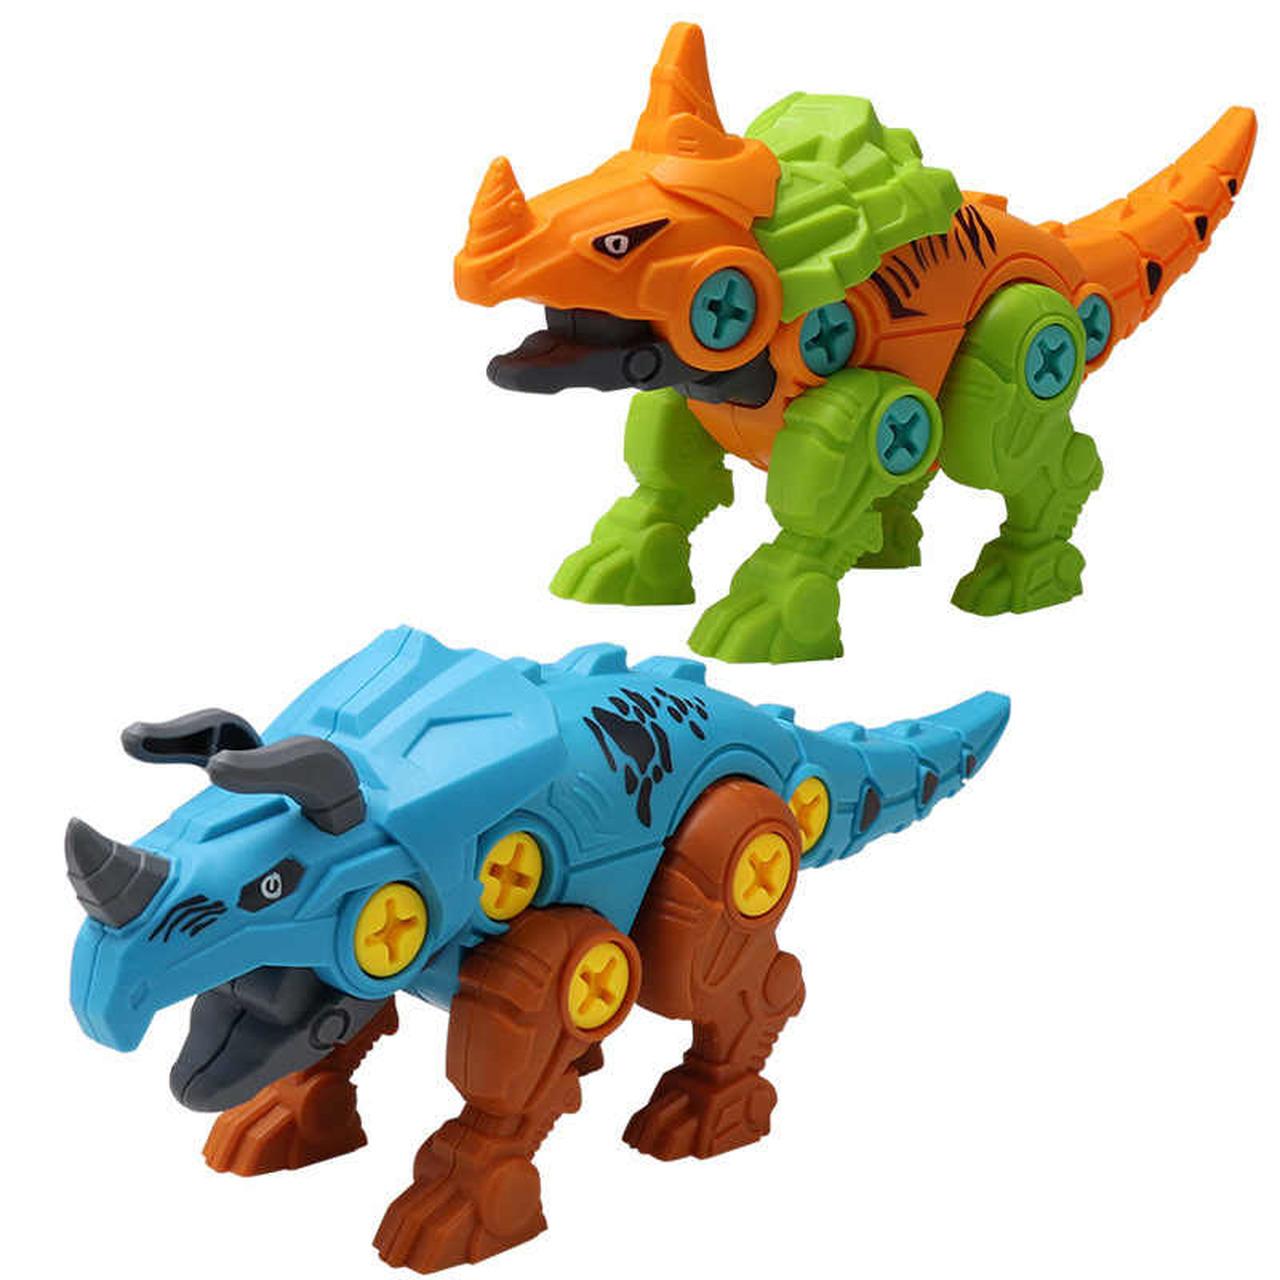 Desmontar e Montar Dinossauro Ovo / 1 unidade